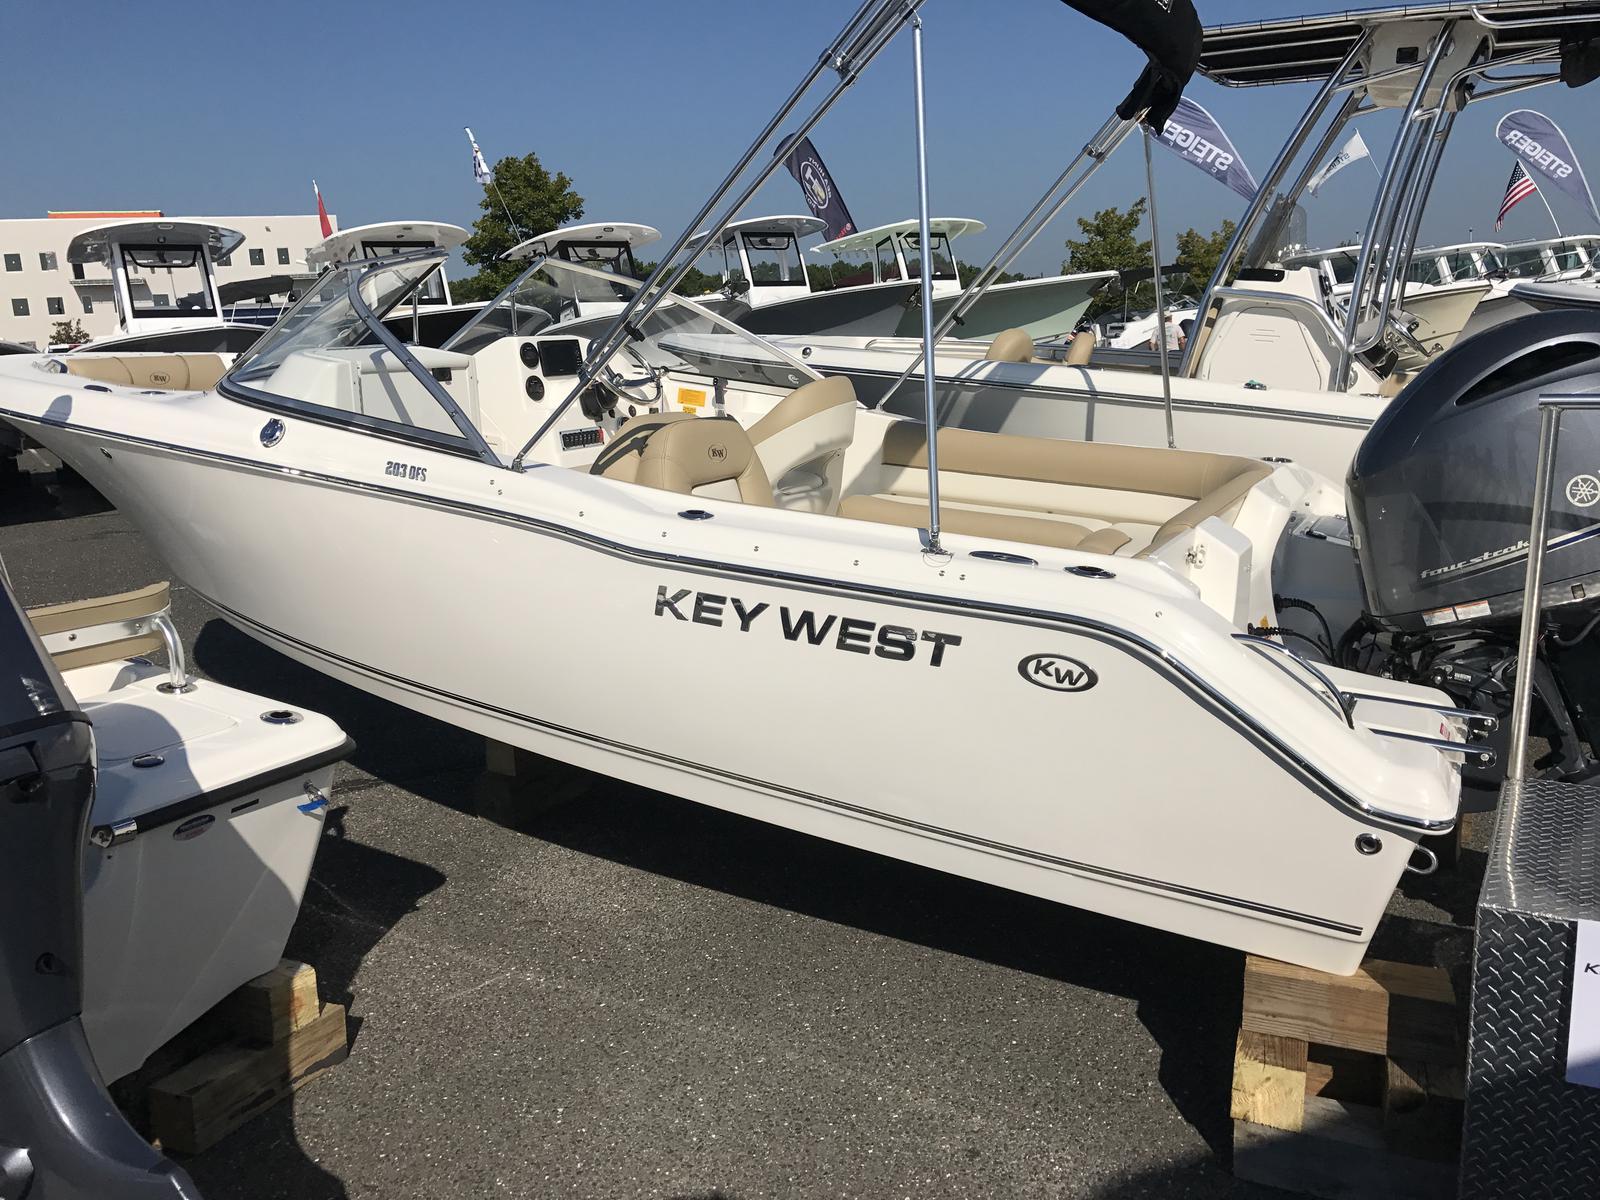 Key West 203DFS